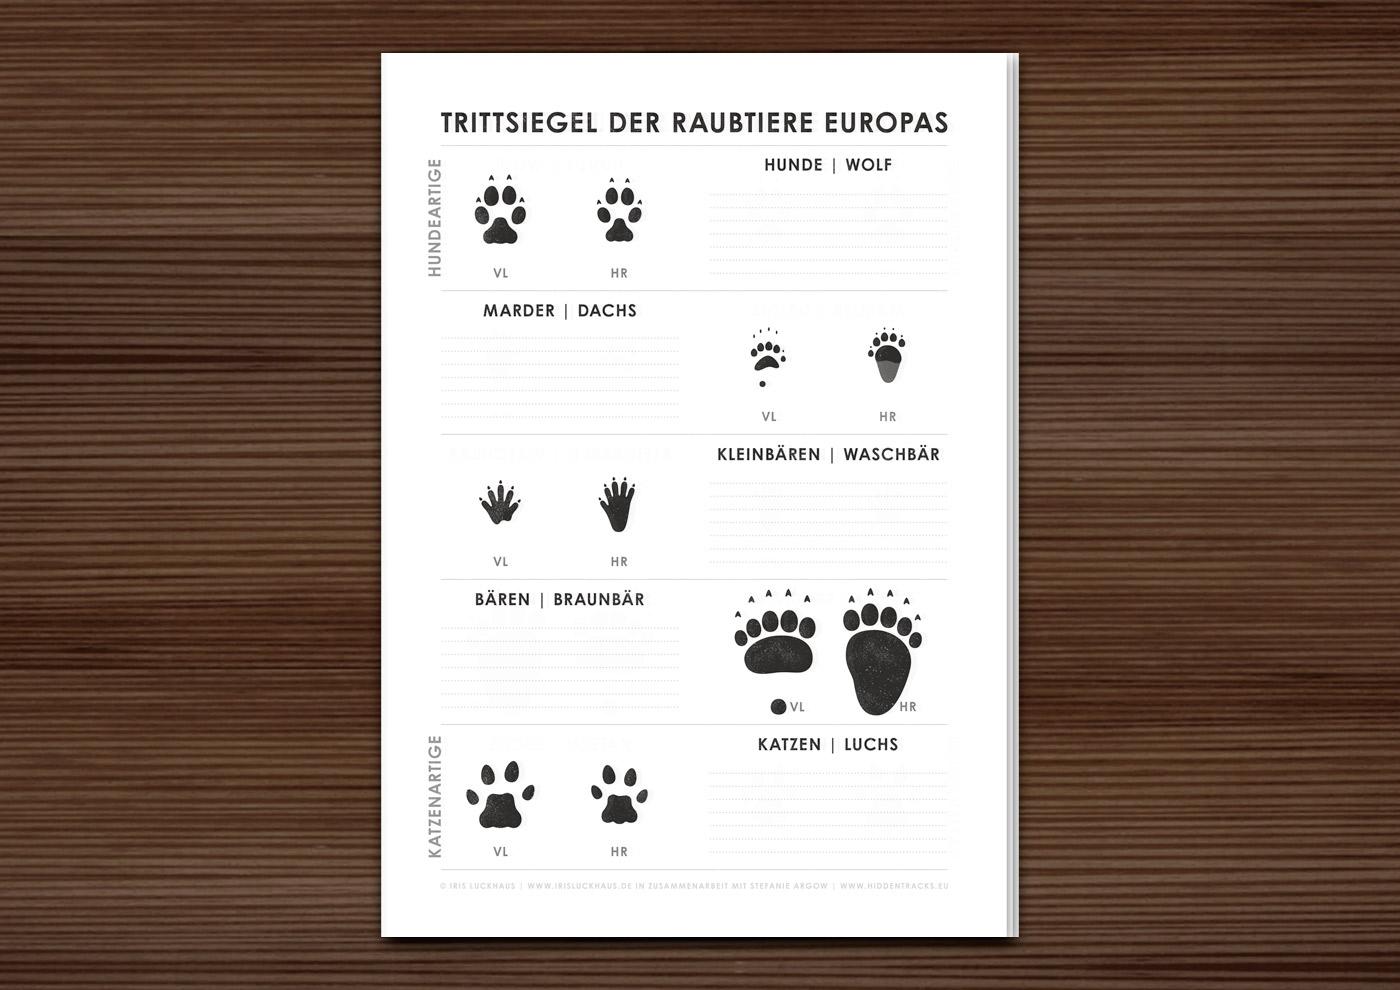 Arbeitsbogen Trittsiegel der Raubtiere Europas mit den Spuren von Hundeartigen wie Wolf, Dachs, Waschbär, Braunbär und Katzenartigen wie Luchs in Zusammenarbeit mit Stefanie Argow vo Hidden Tracks